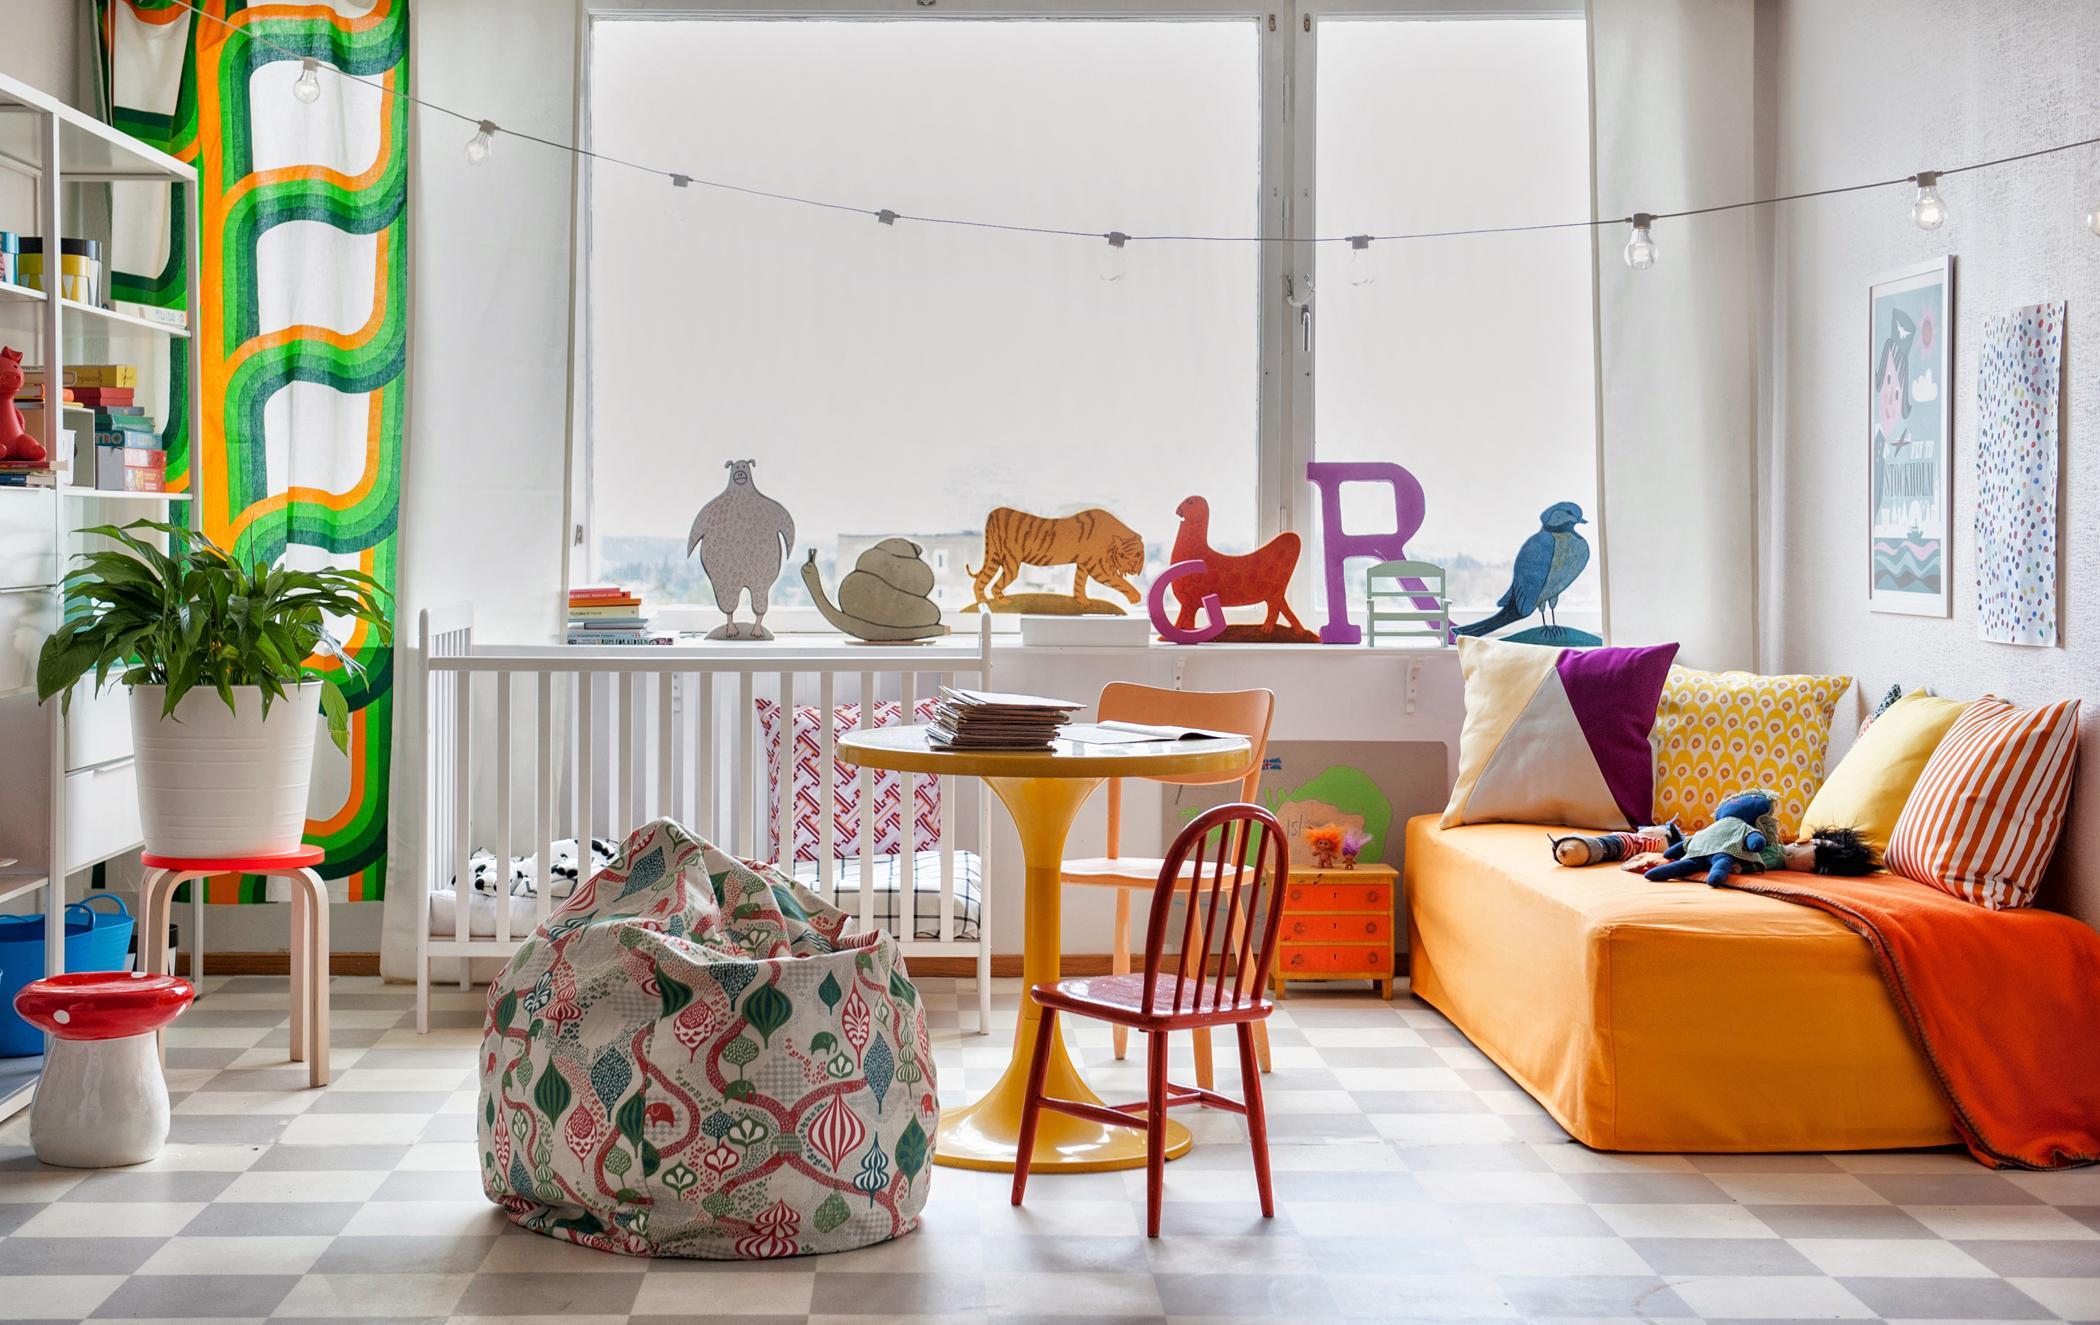 Deko fürs Kinderzimmer • Bilder & Ideen • COUCHstyle | {Deko für kinderzimmer 48}